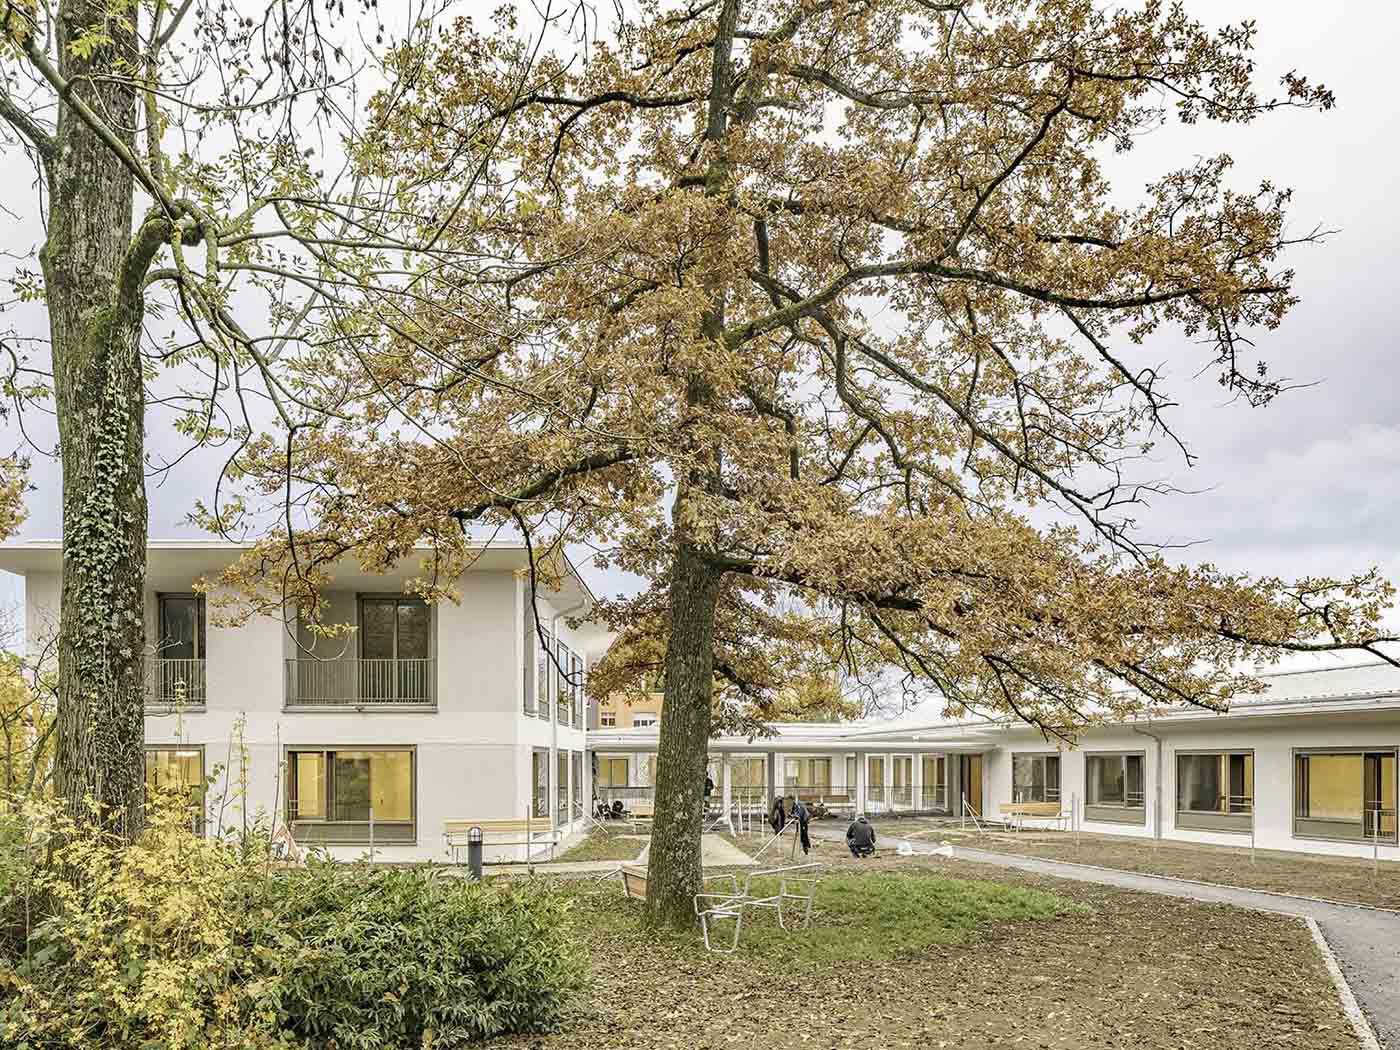 Pflegezentrum Zürich Bombach, Haus B, Blick zur Eingangszone.